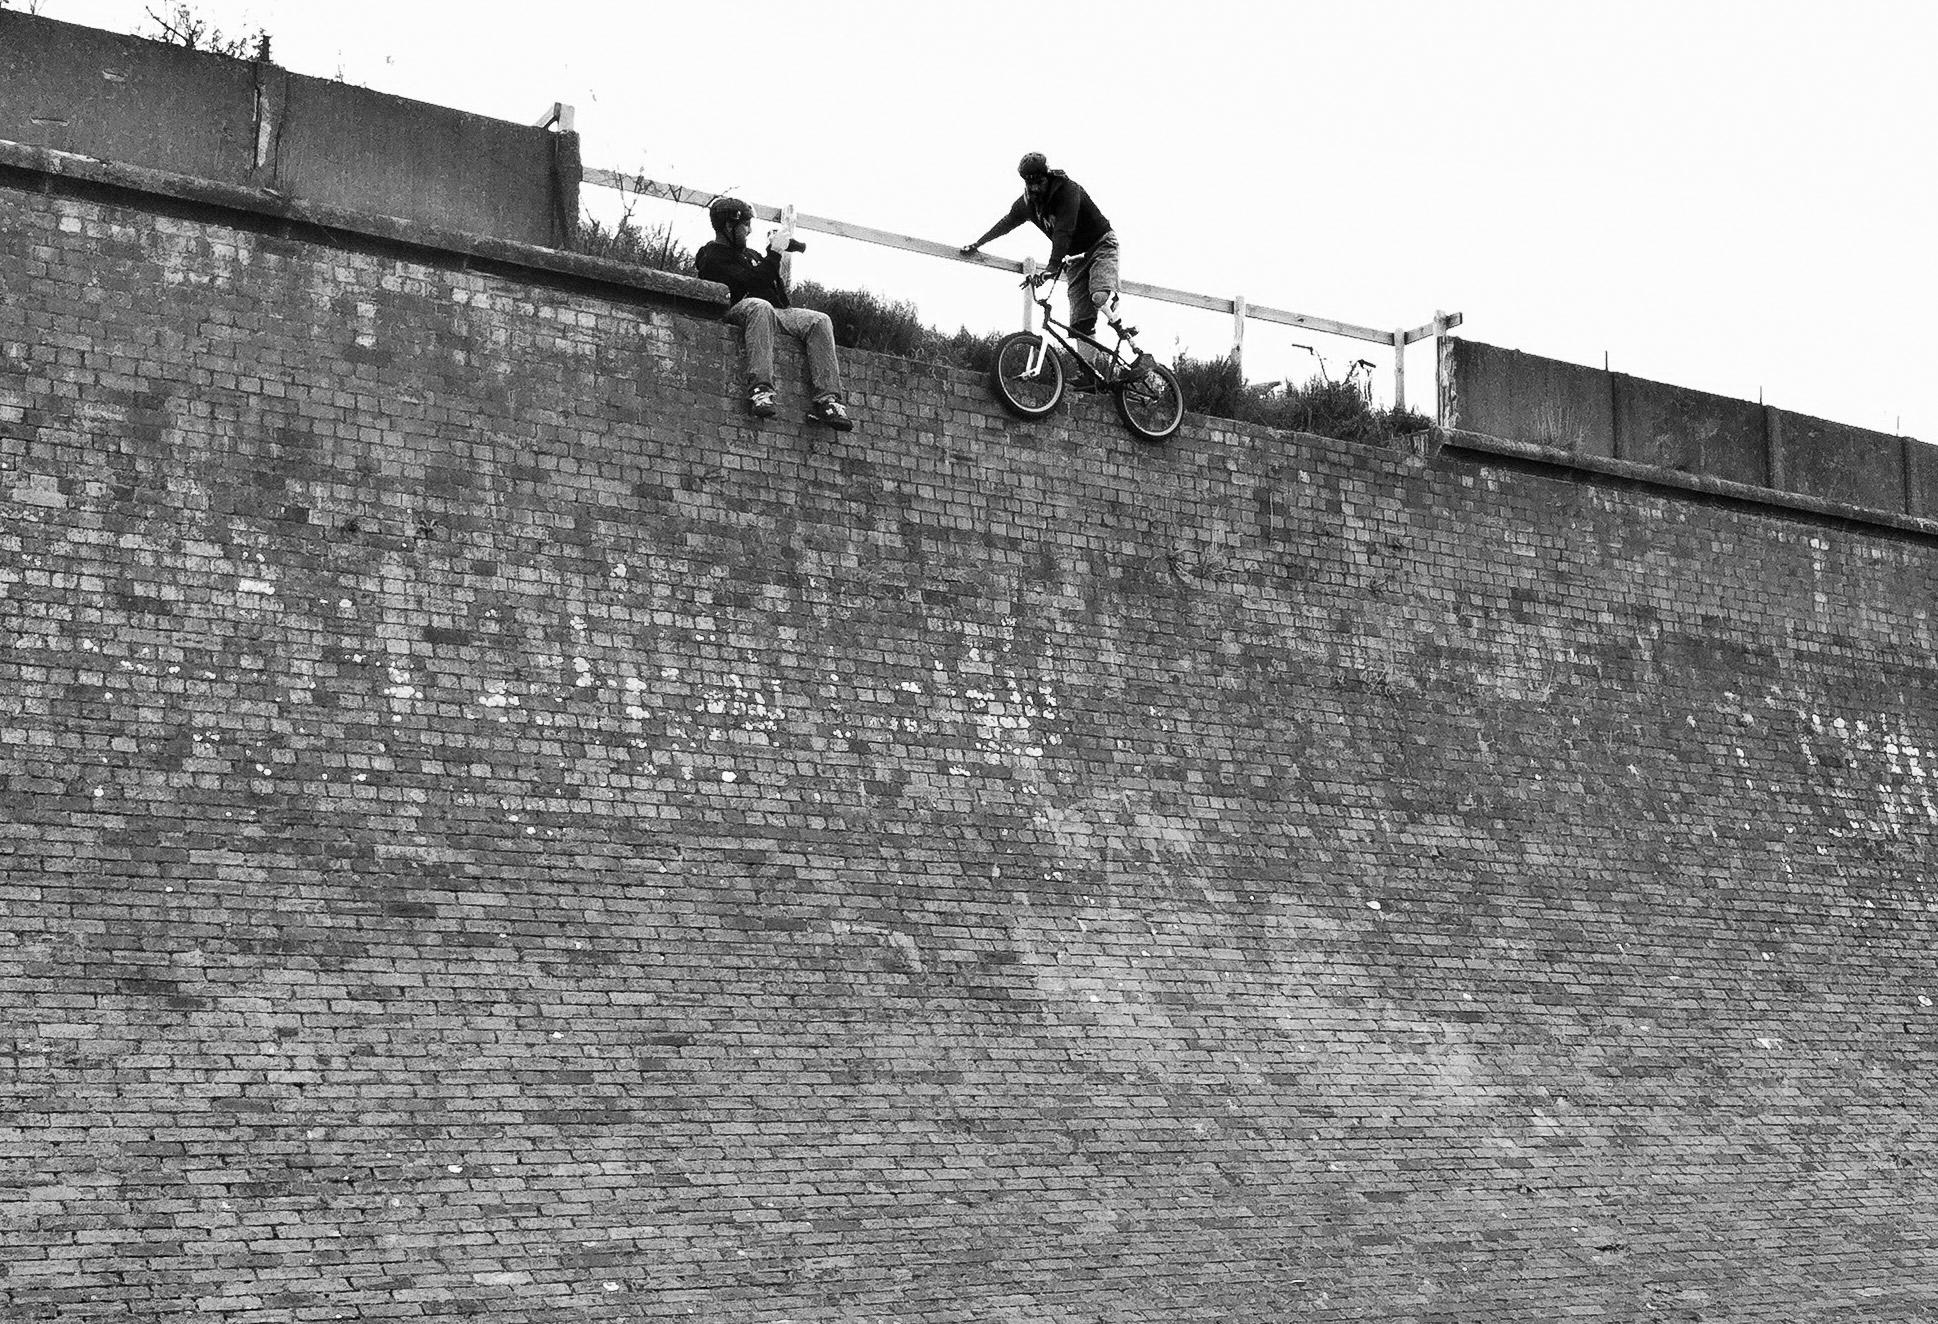 Brits & Bikes